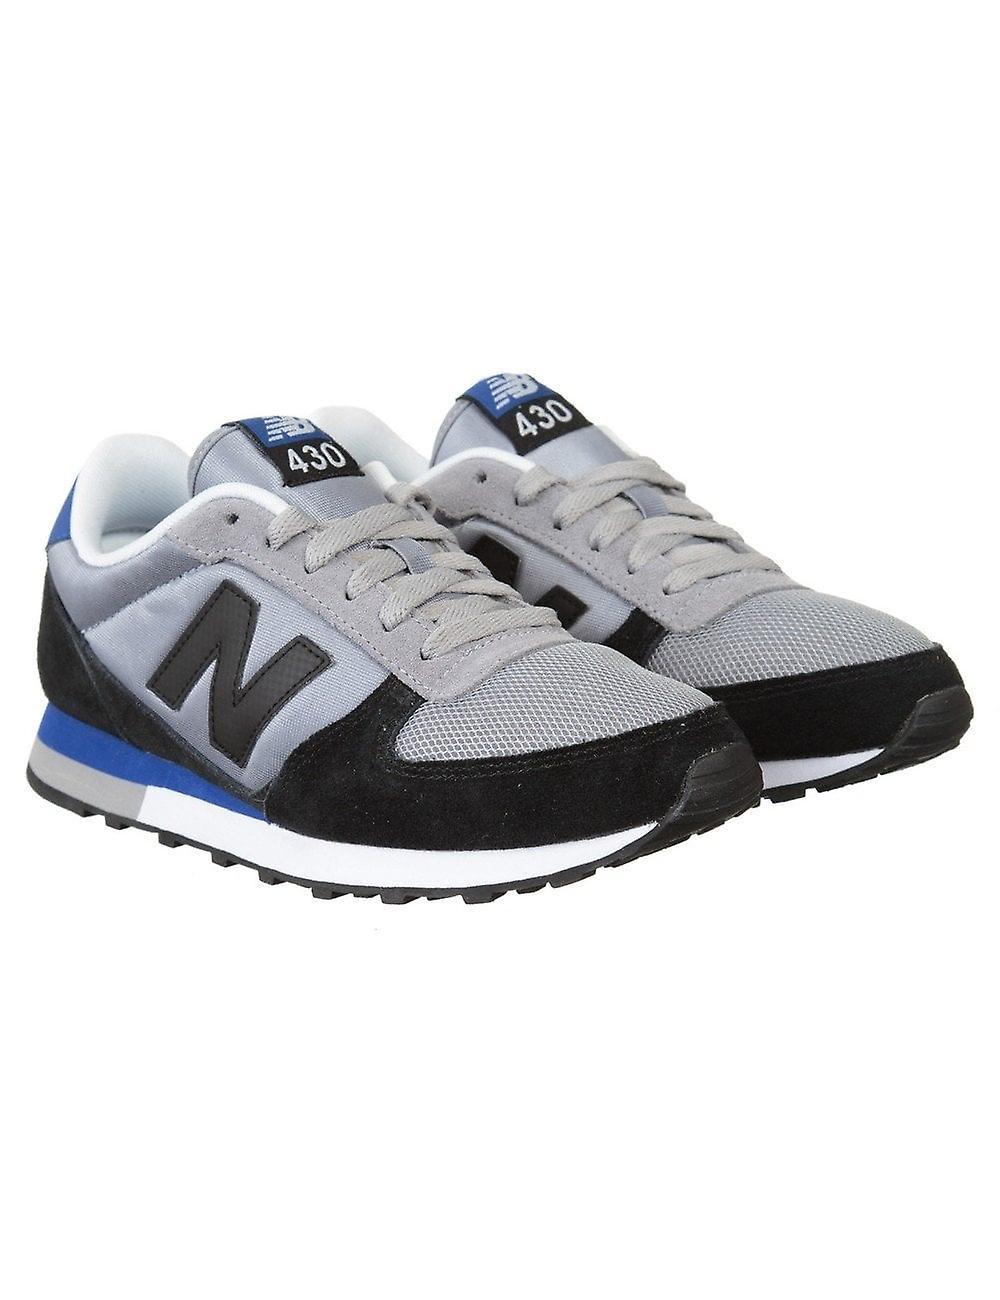 New Balance U430 Skg chaussures - noir/gris/bleu